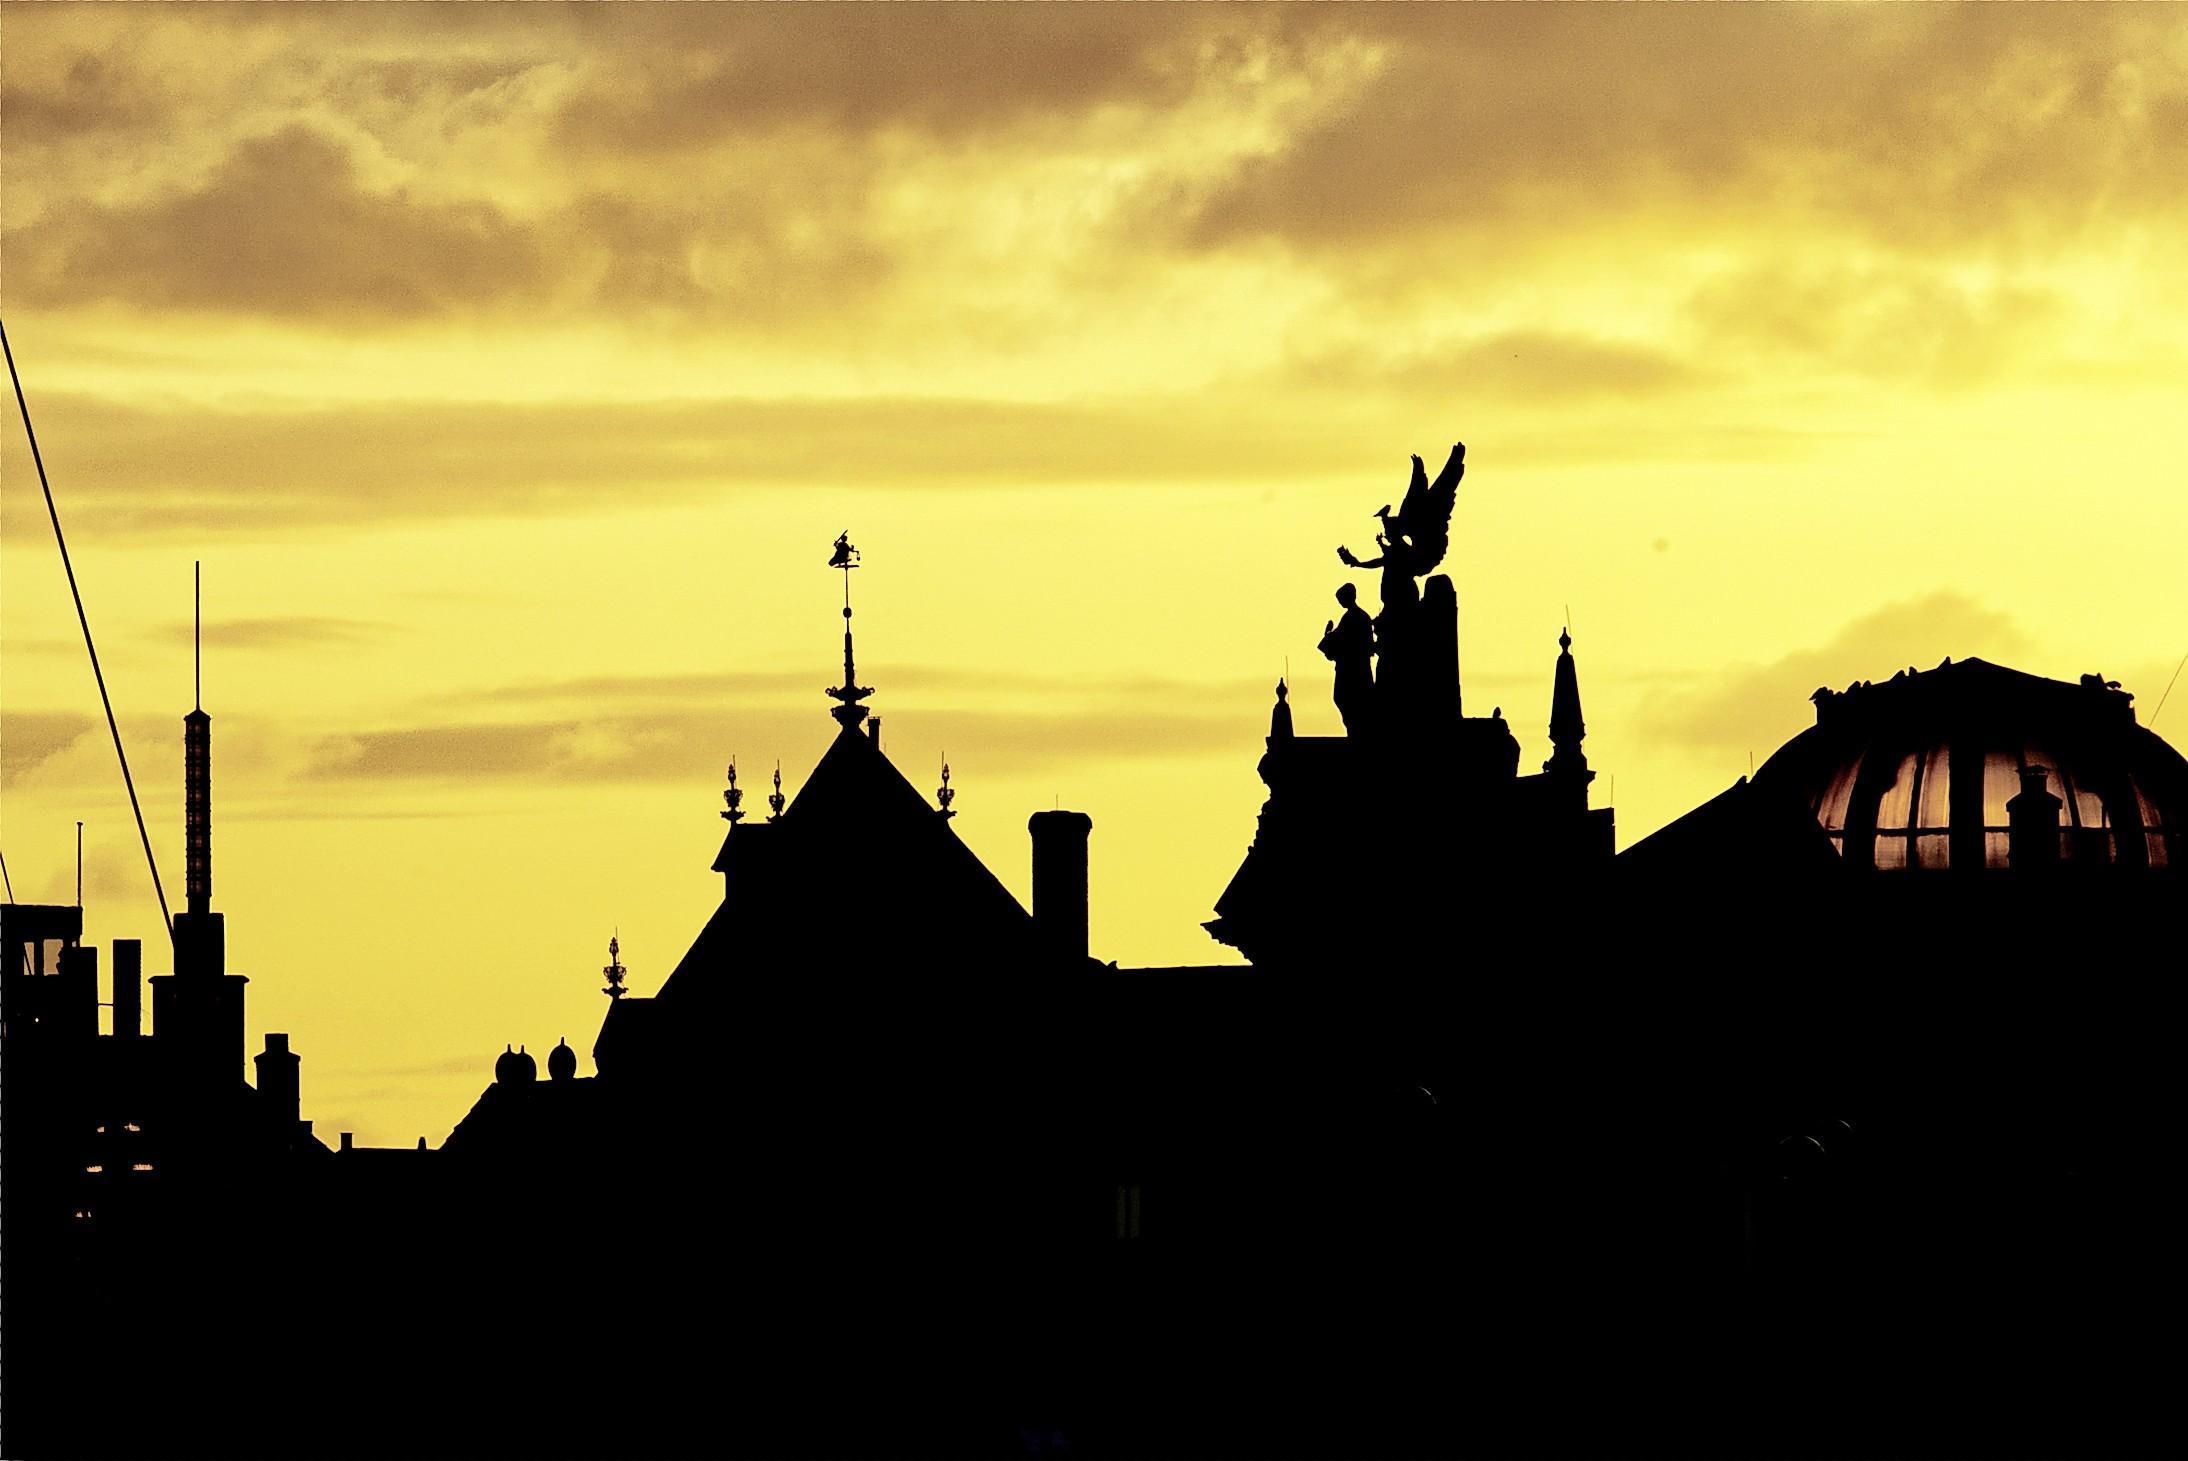 Jacques de Jong fotografeert Haarlem het liefst vanuit zijn badkamerraam. Het levert het boek 'De stad, het water en het licht' op